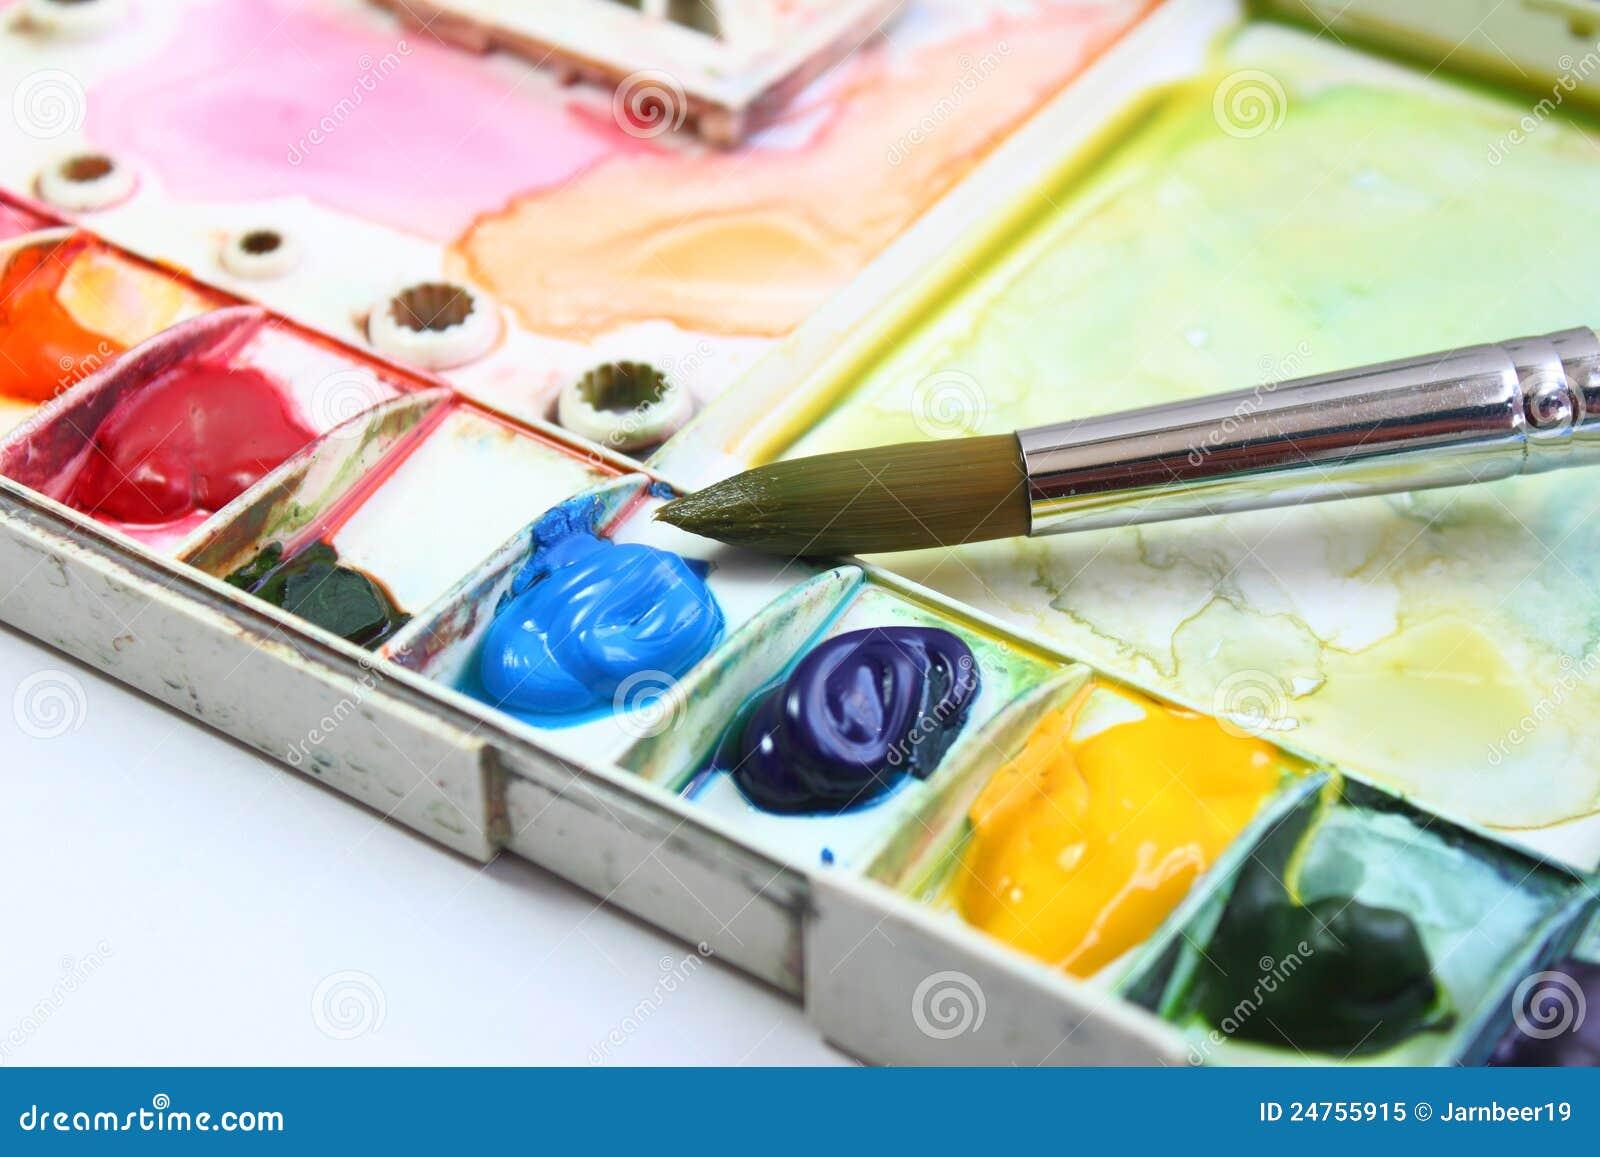 palette et pinceau d 39 aquarelle photo libre de droits image 24755915. Black Bedroom Furniture Sets. Home Design Ideas